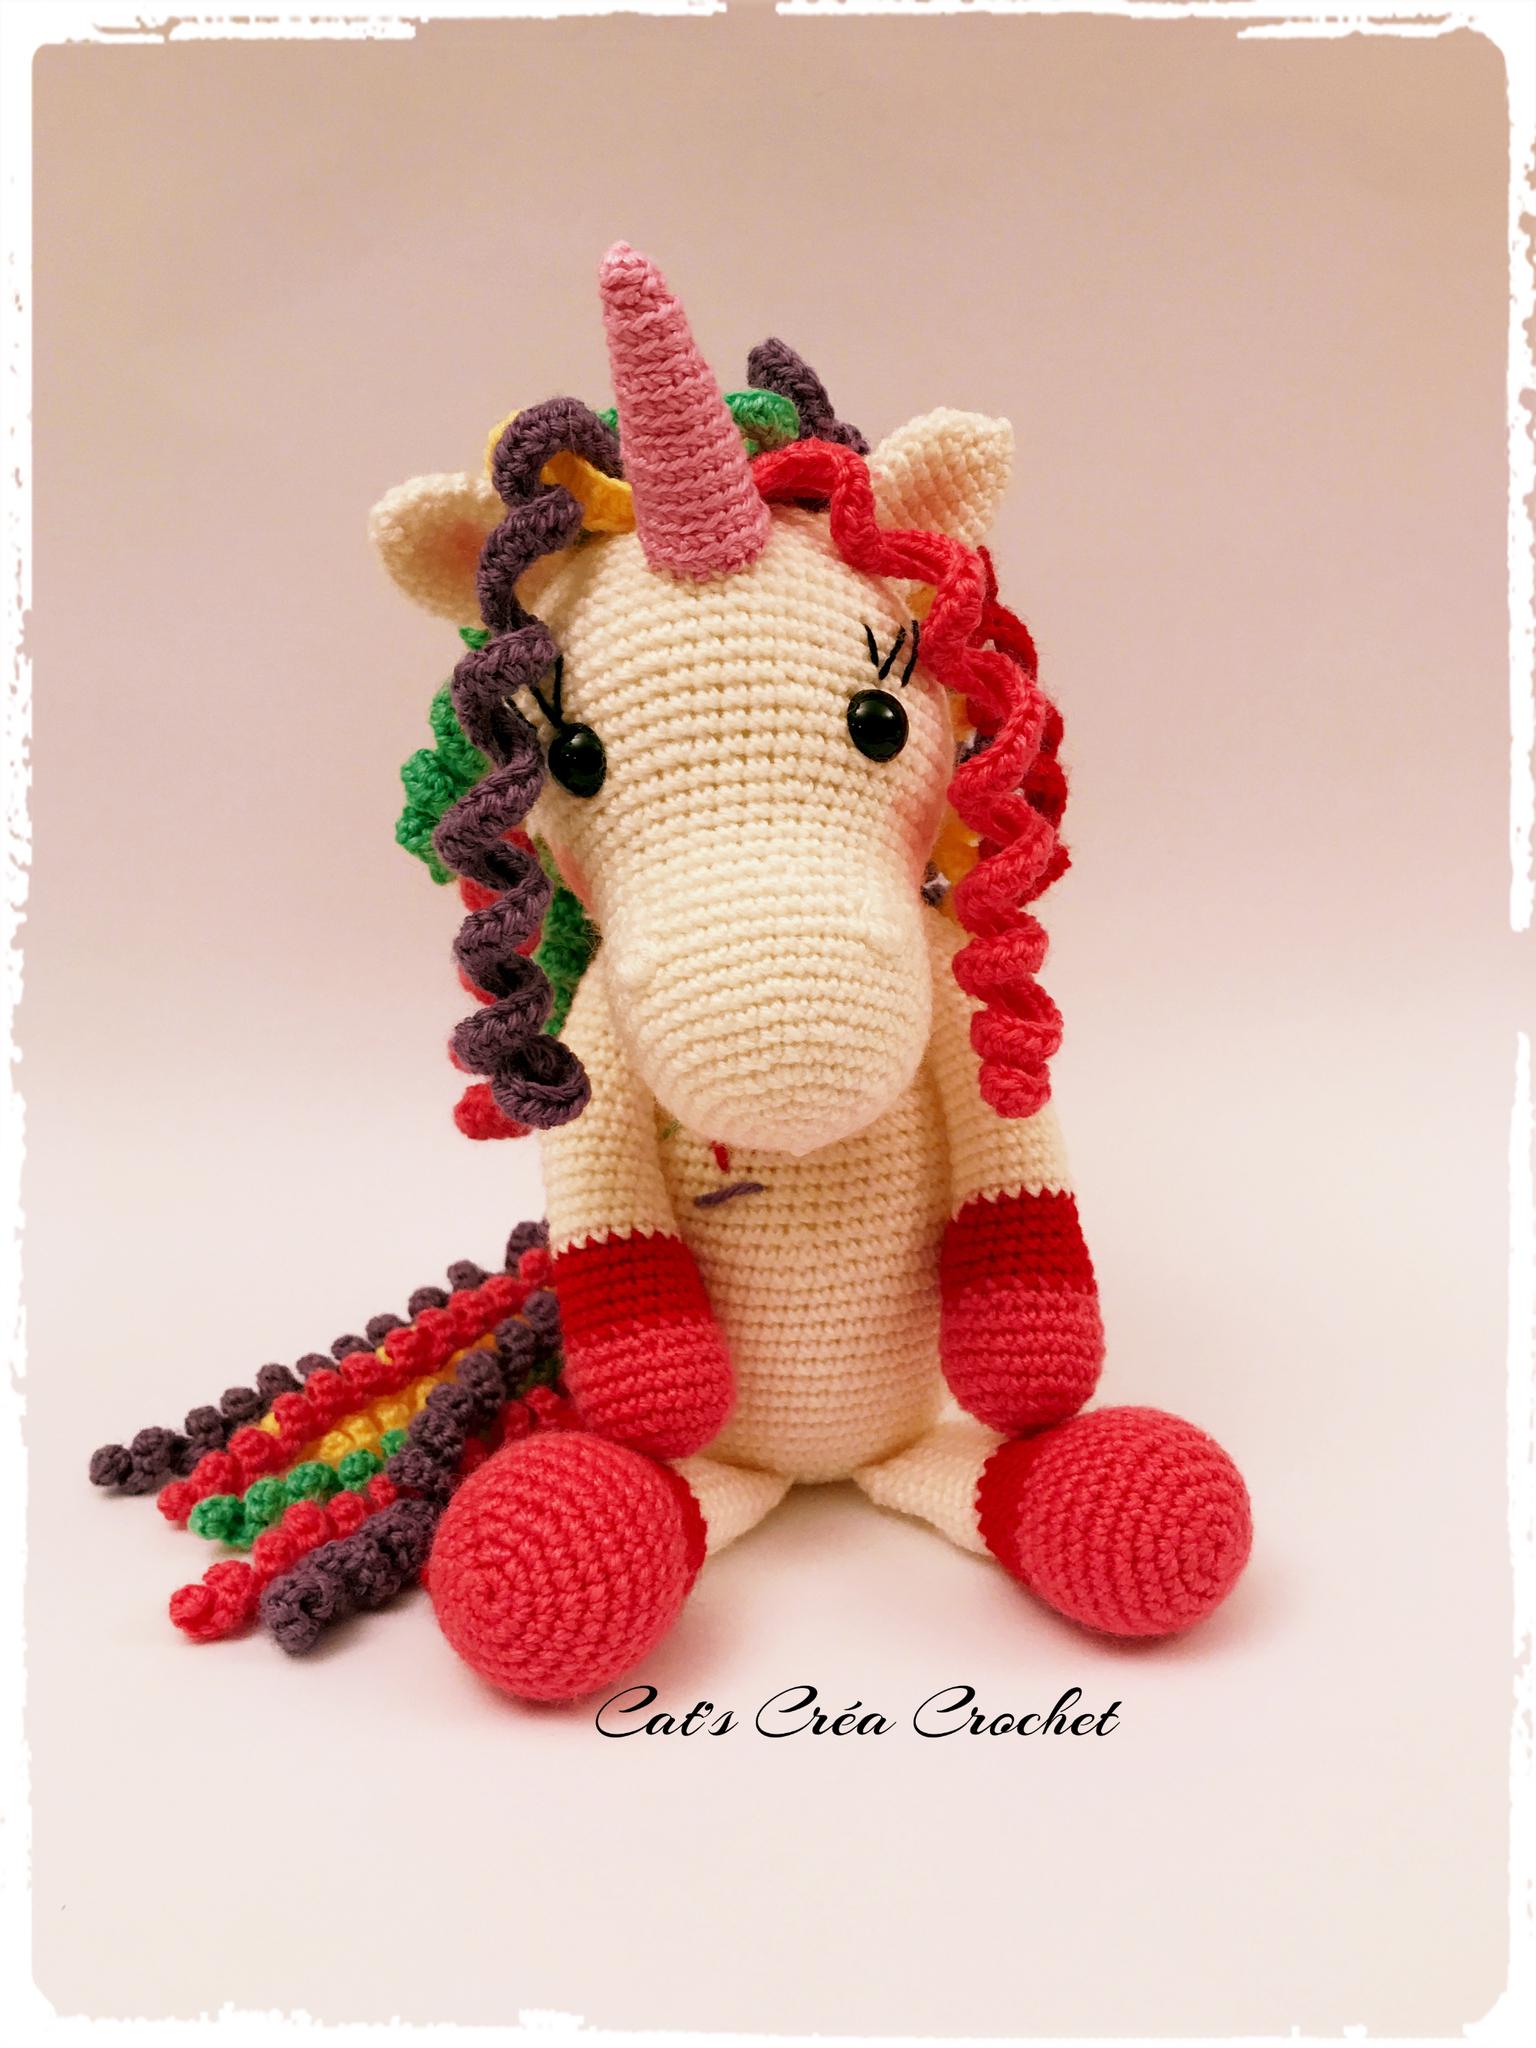 Licorne Au Crochet Cats Créa Crochet